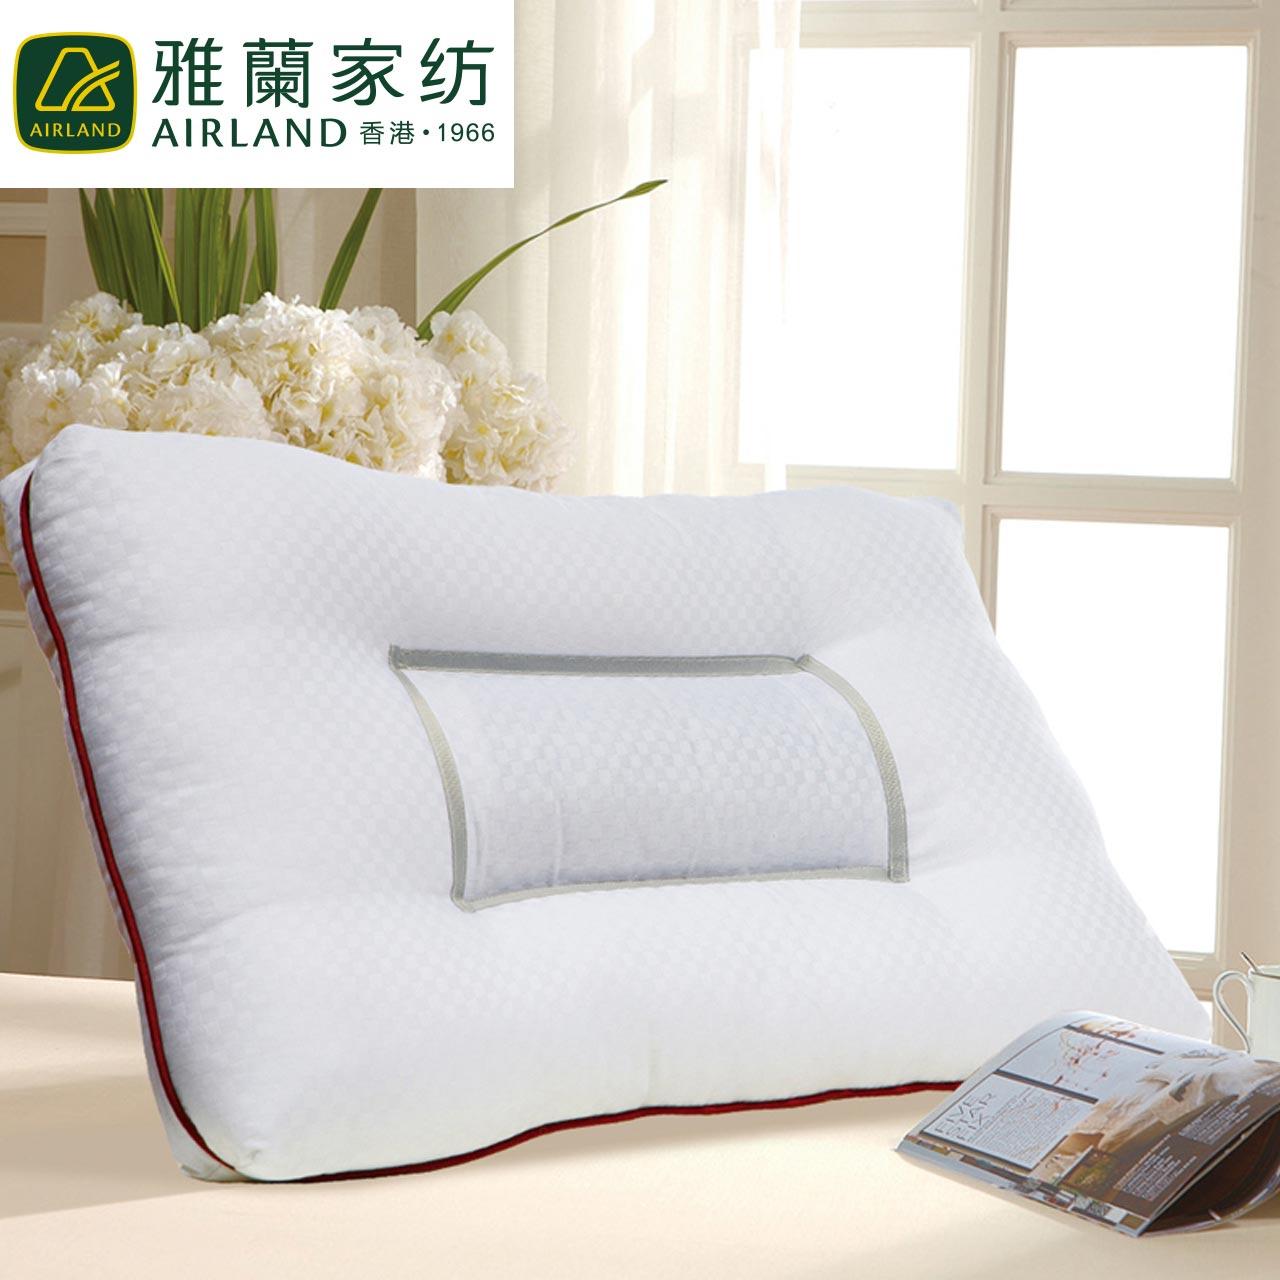 雅兰家纺床上用品儿童睡眠枕学生枕